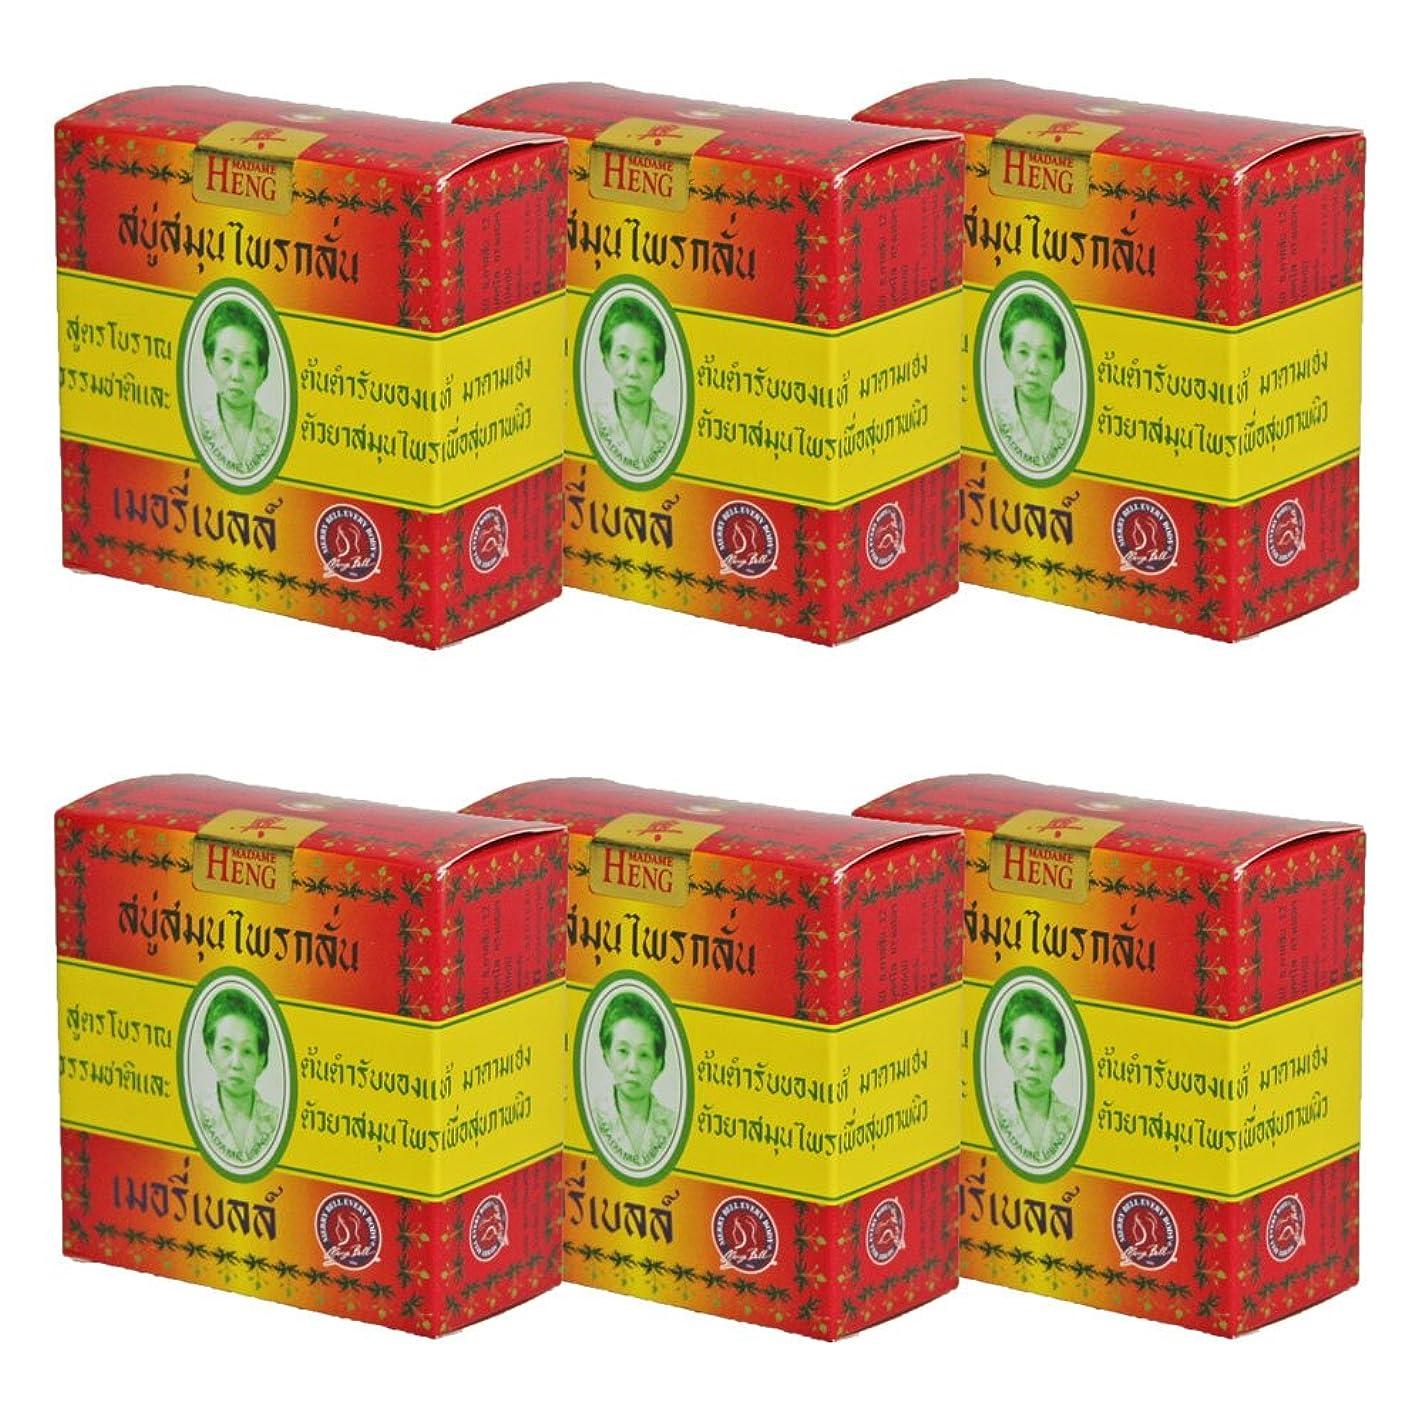 さようなら赤外線ブラウン(マダム?ヘン) MADAME HENG ORIGINAL HERBAL 石鹸 160g 6個セット [並行輸入品]